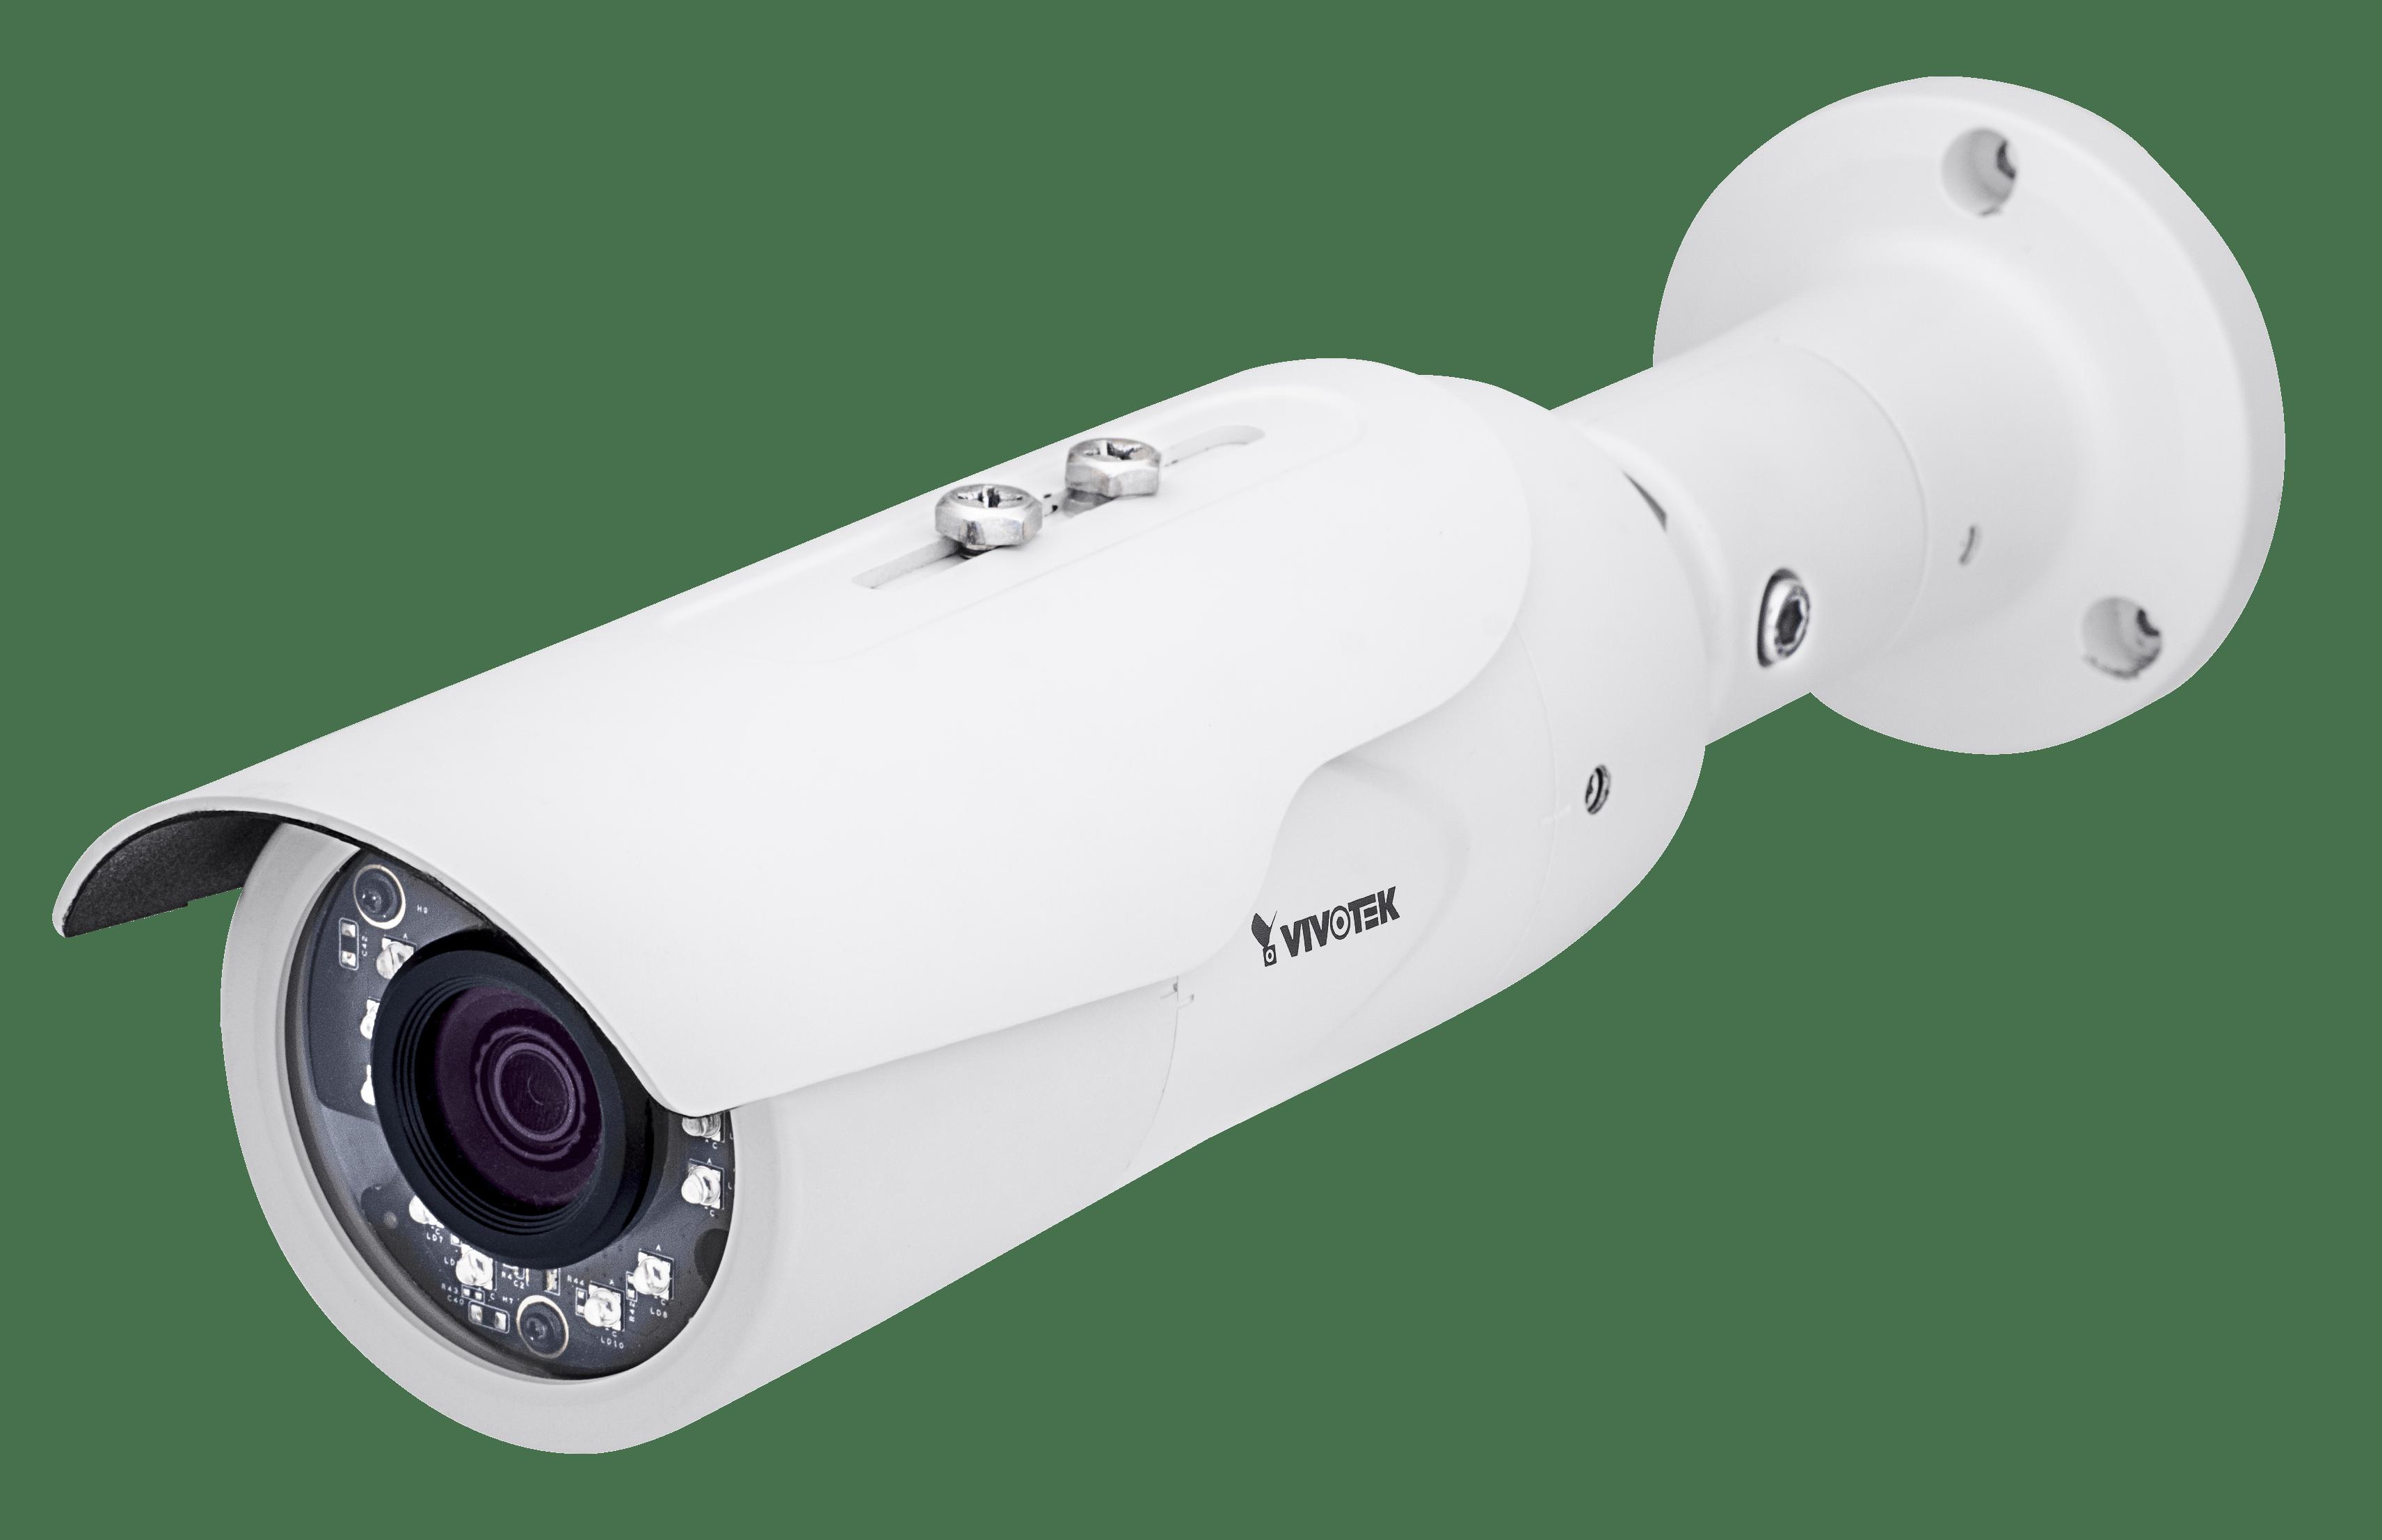 Ib8369a Bullet Network Camera Vivotek